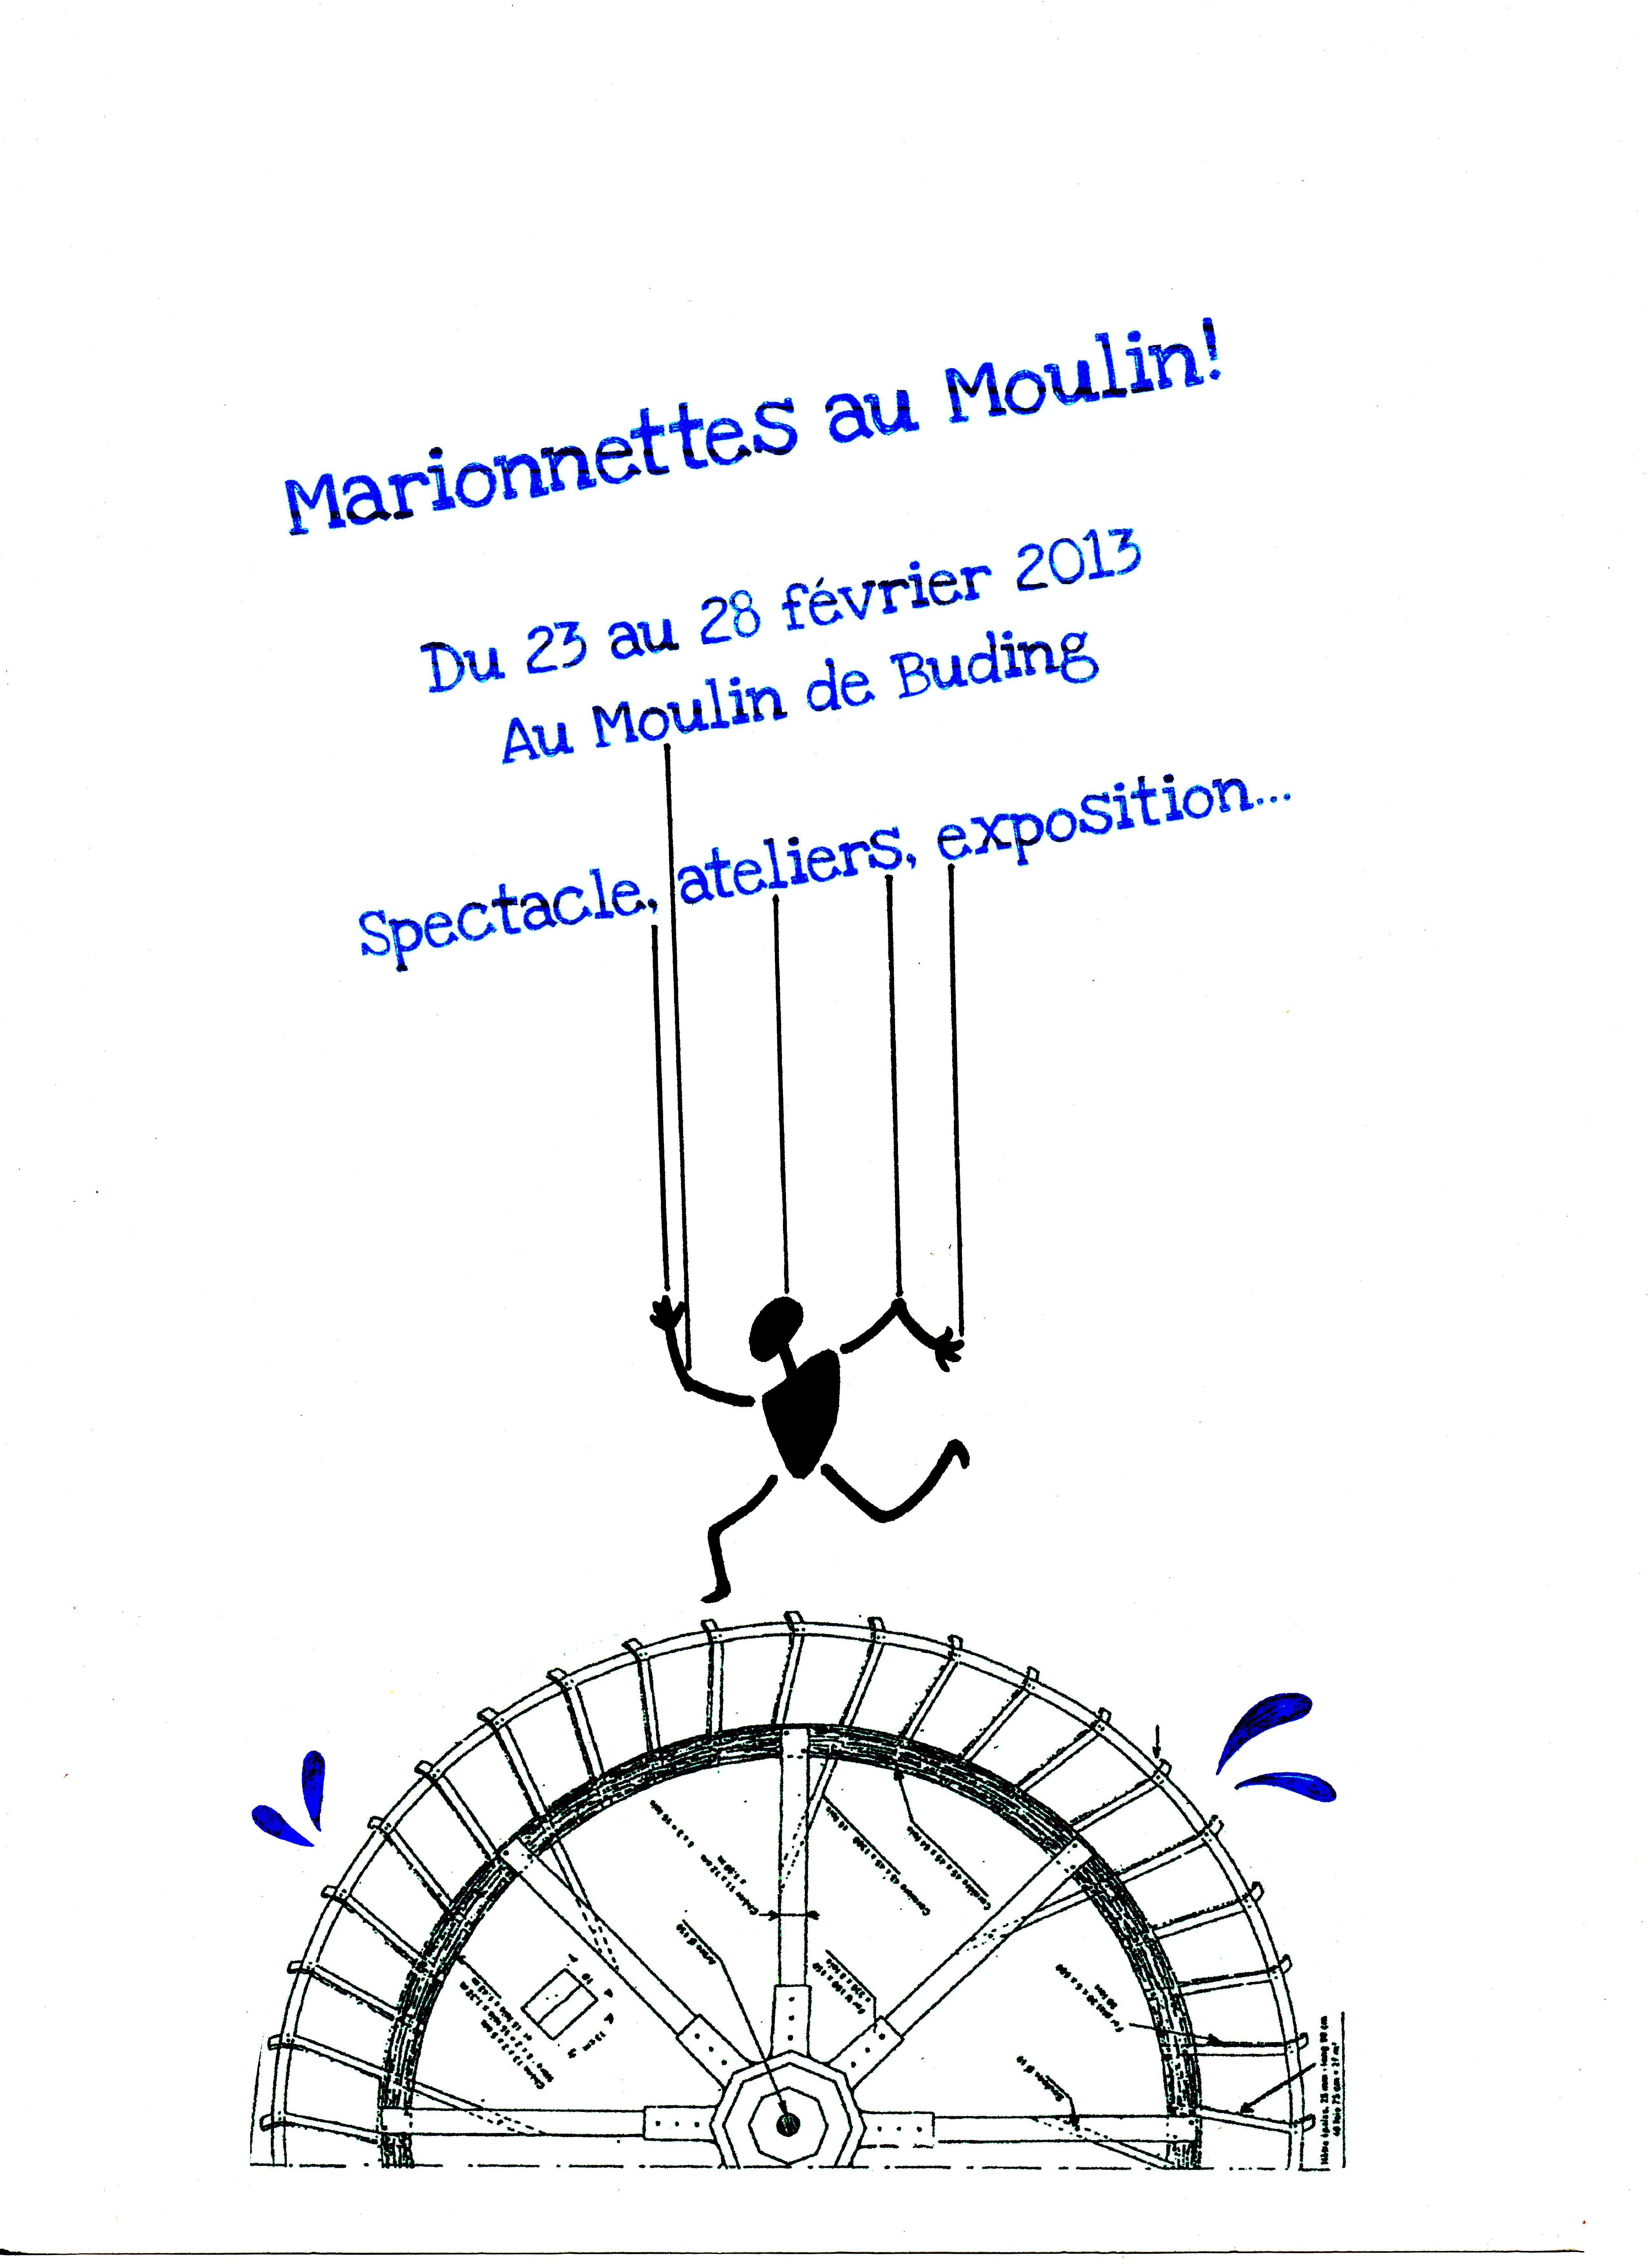 Marionnettes au Moulin!